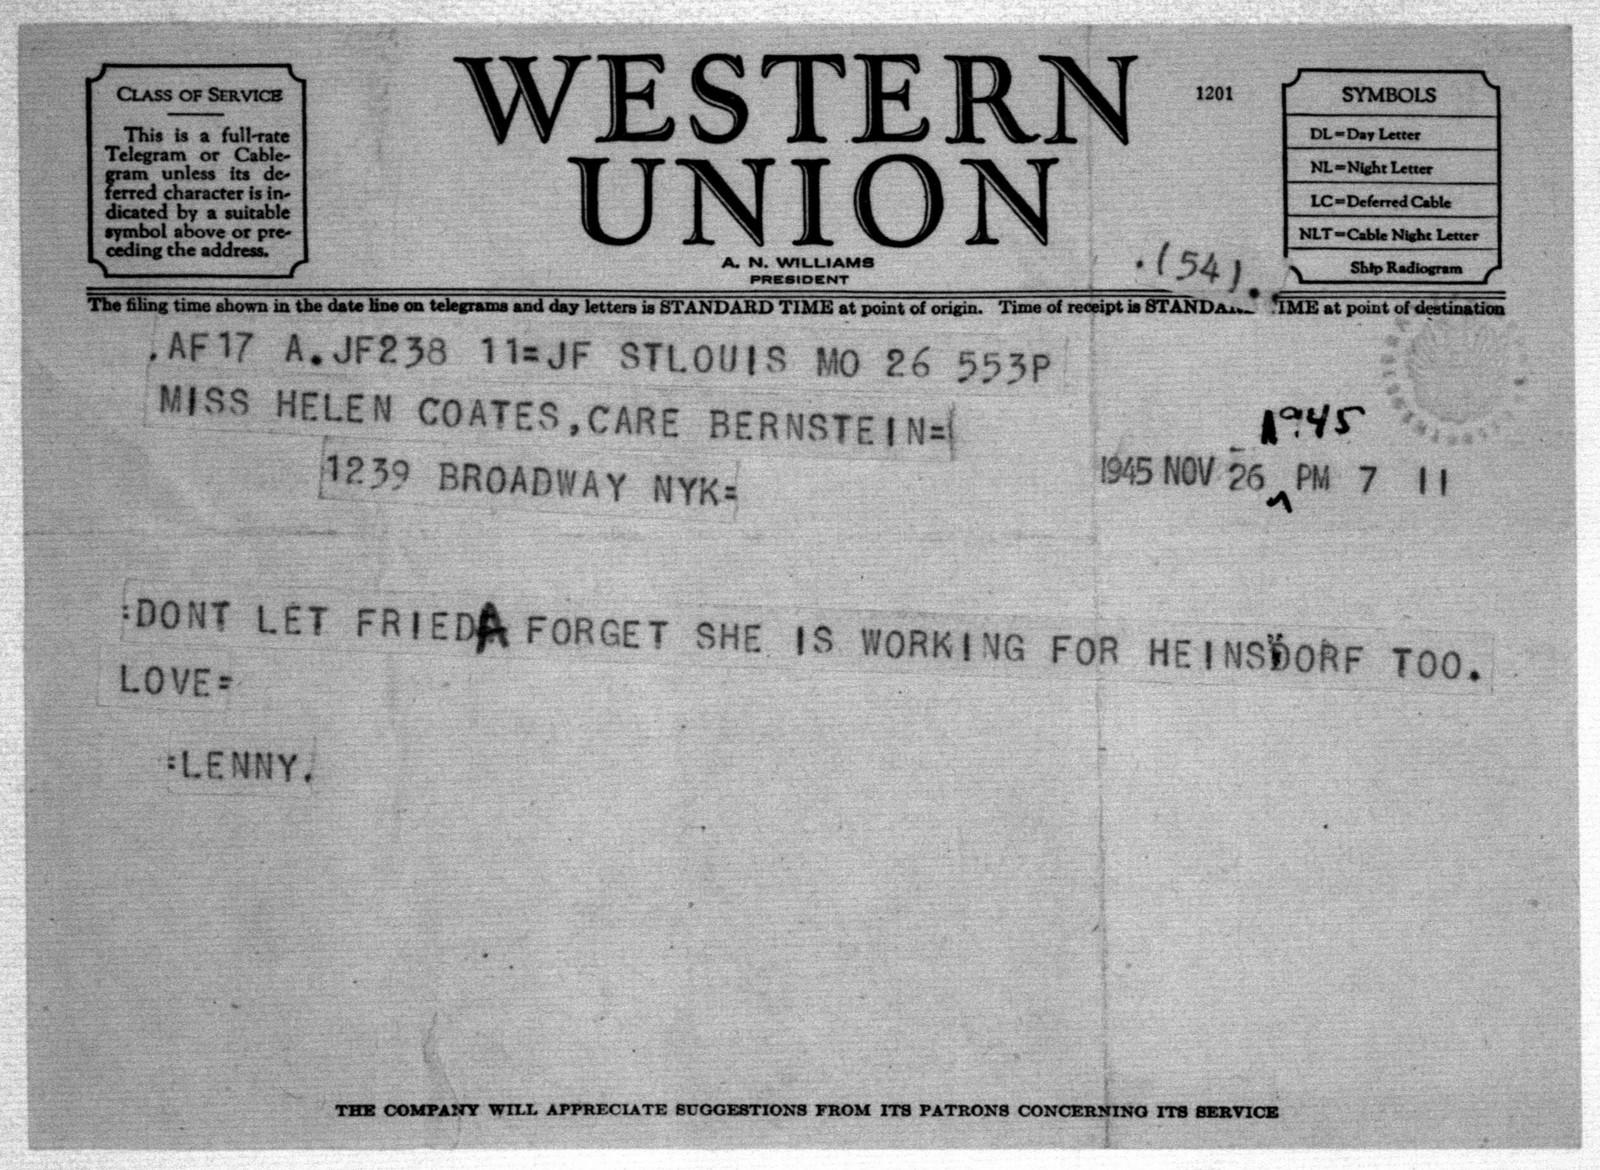 Letter from Leonard Bernstein to Helen Coates, November 26, 1945